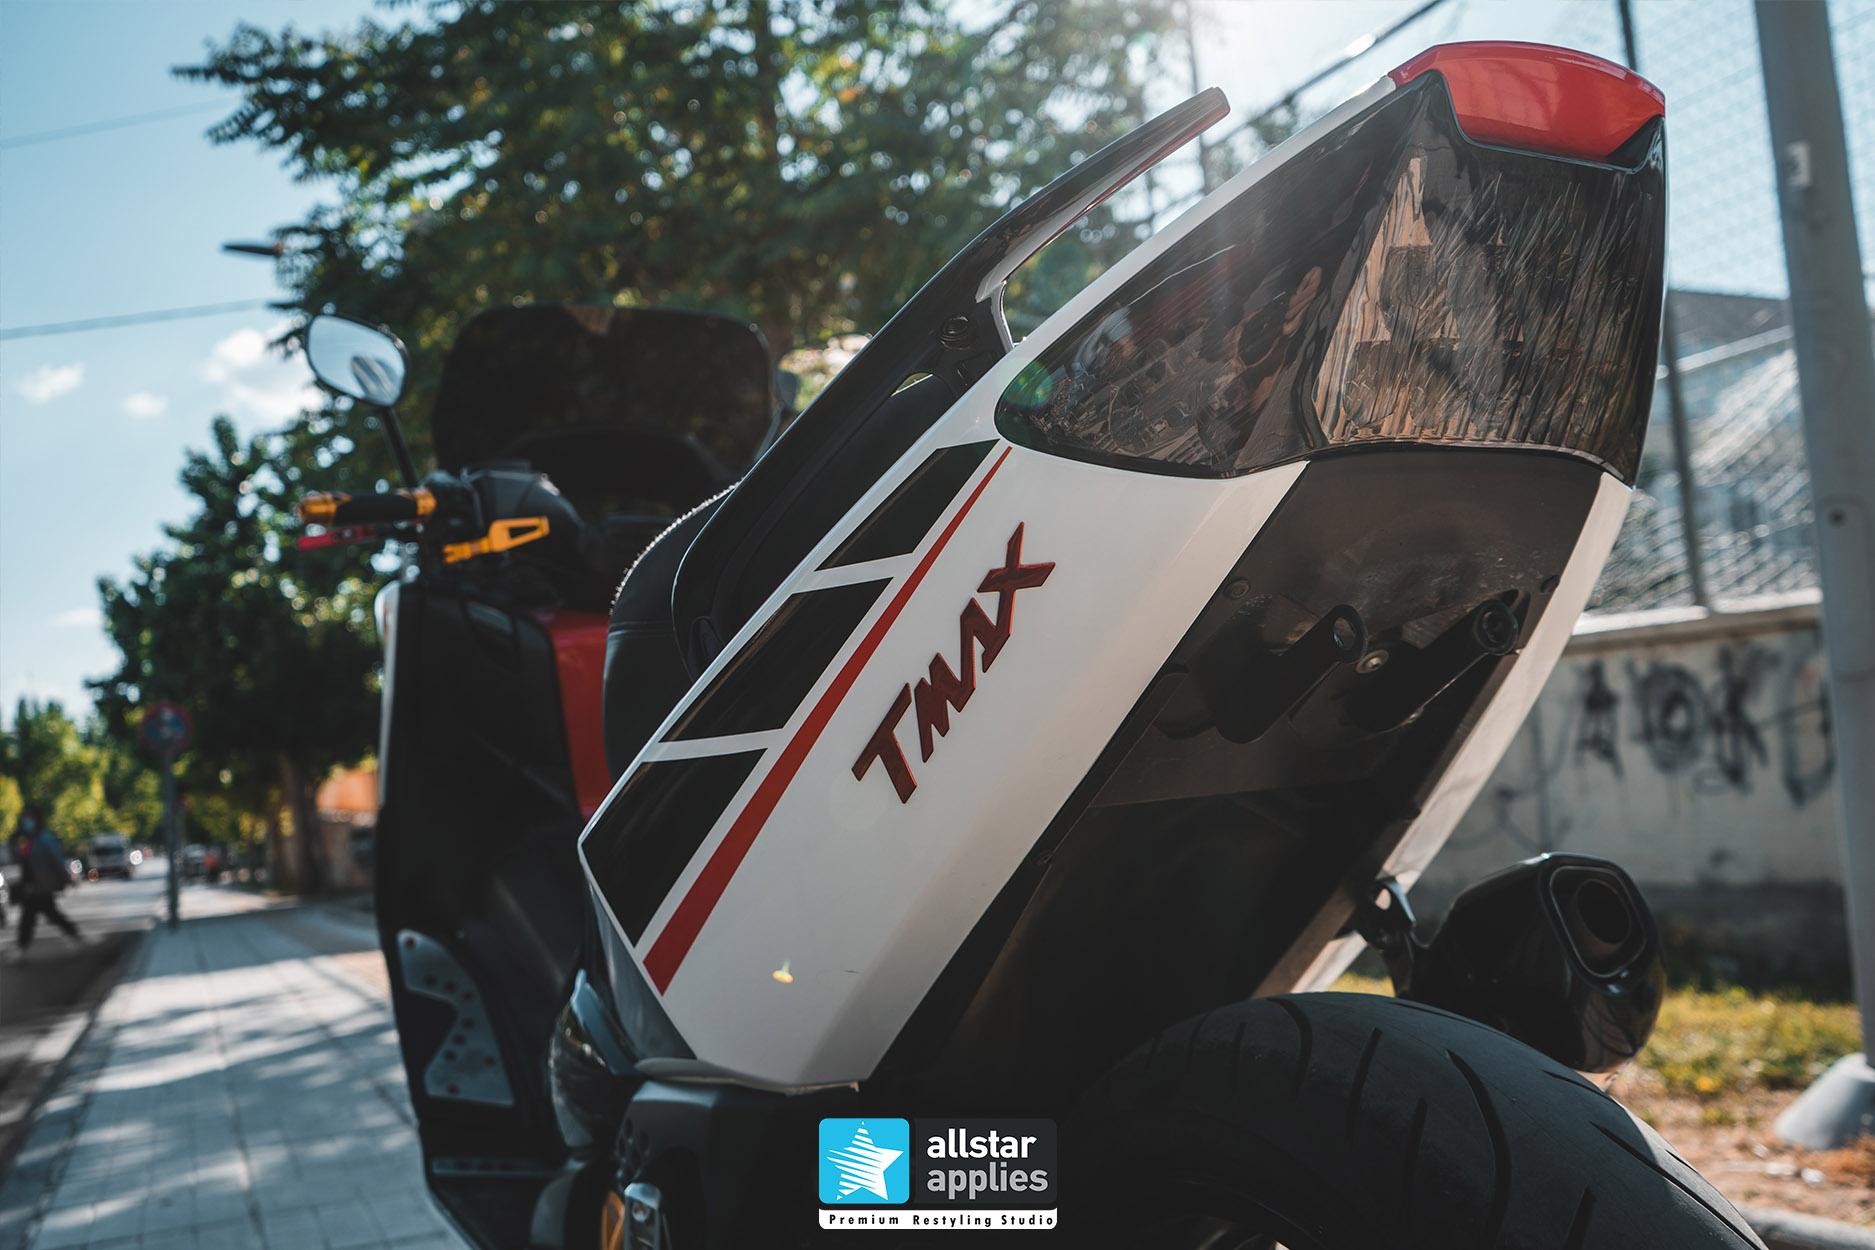 TMAX 500 ALLSTAR APPLIES 6